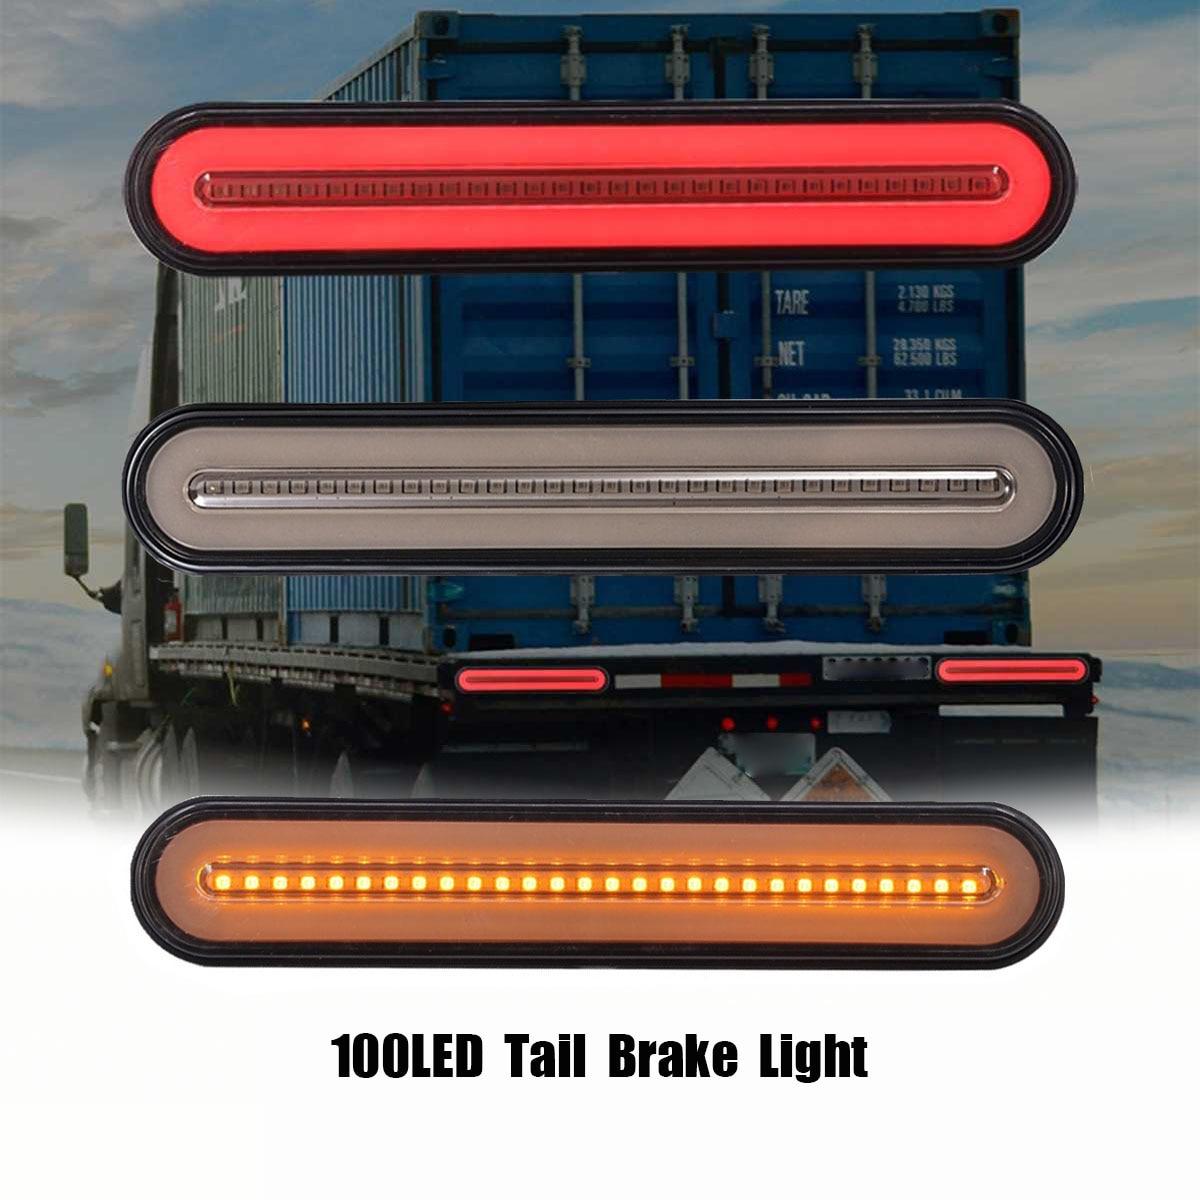 2x LED impermeable remolque camión luz de freno 3 en 1 neón Halo anillo de freno de cola de luz de giro Luz de señal de flujo secuencial 2019 nuevo en el centro de bomberos escalera Camión grúa helicóptero Compatible legotely ciudad 60216 bloques de construcción juguetes regalo de Navidad